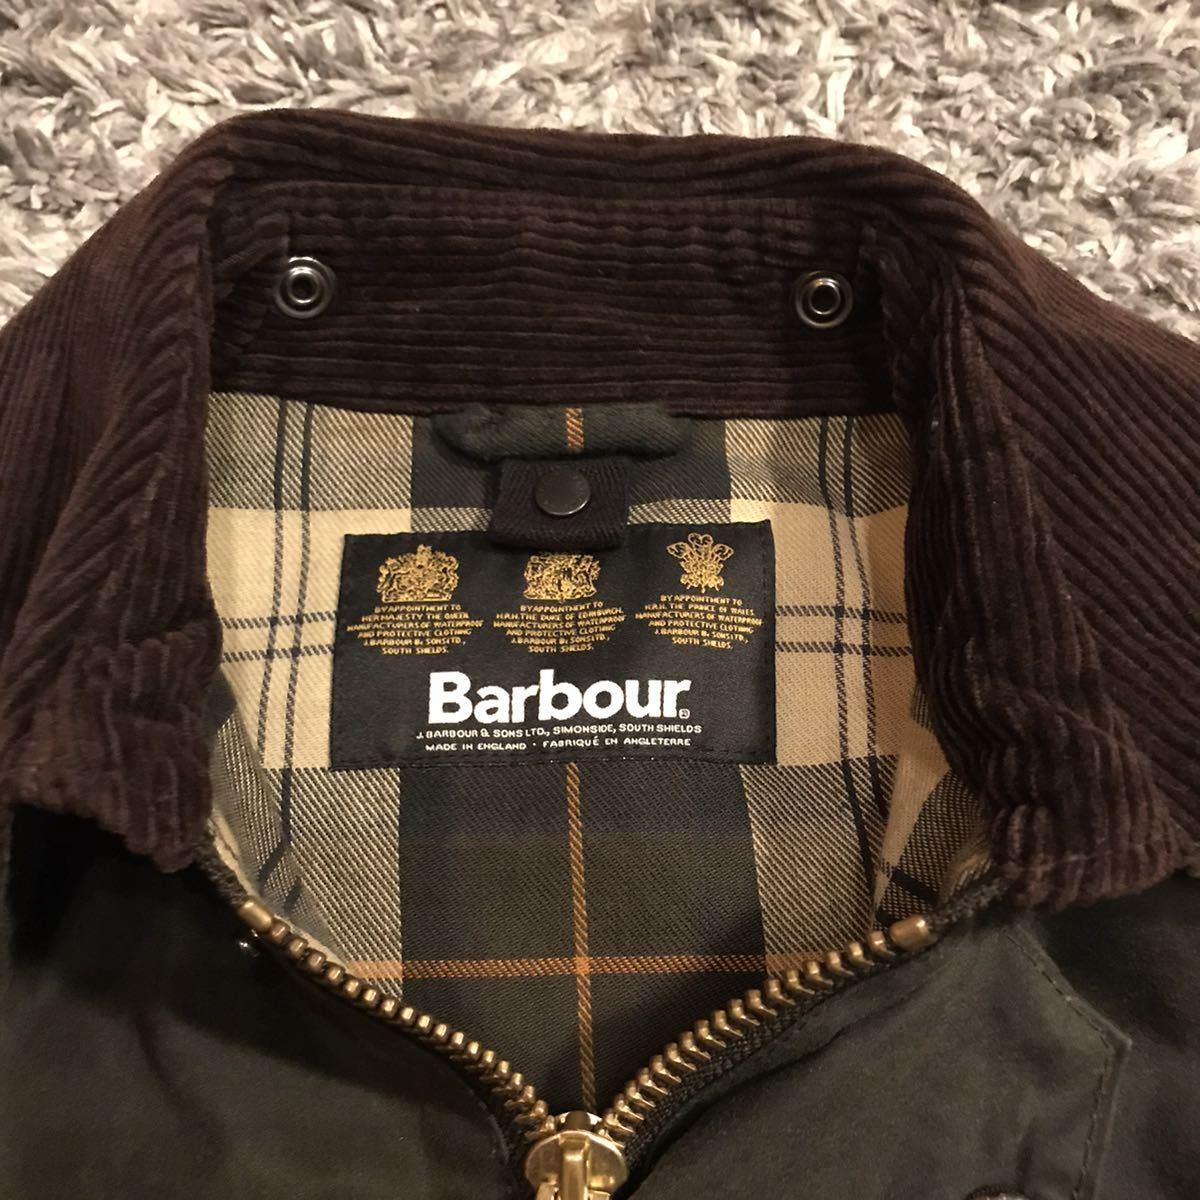 36サイズ Barbour Bedale SL バブアー ビデイル スリムフィット オイルドジャケット sage セージ 美品 オリーブ beaufort border 英国製_画像3